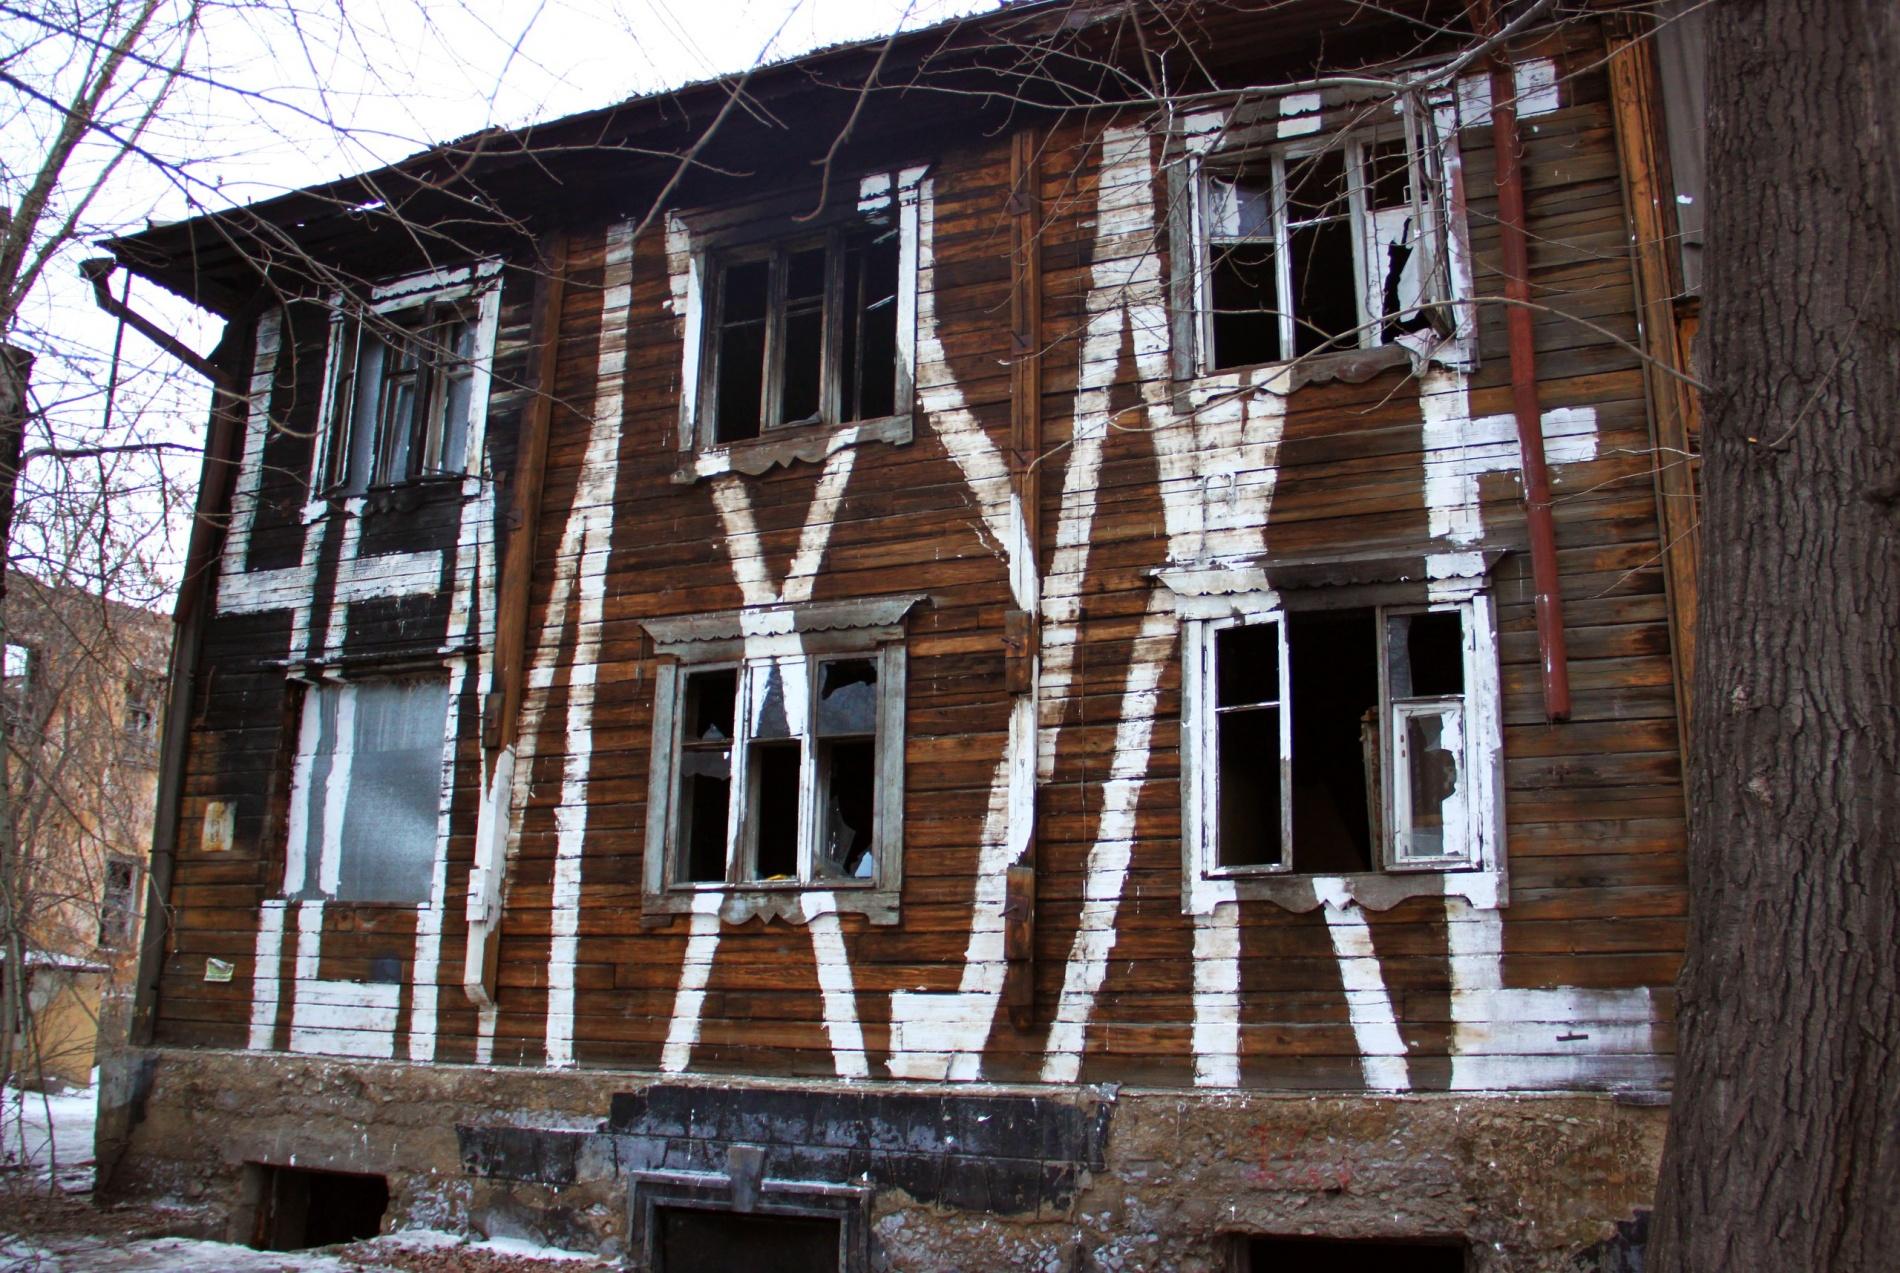 Заброшенный дом, на стену которого нанесена надпись, выглядит так, будто жильцы покинули его не так давно.